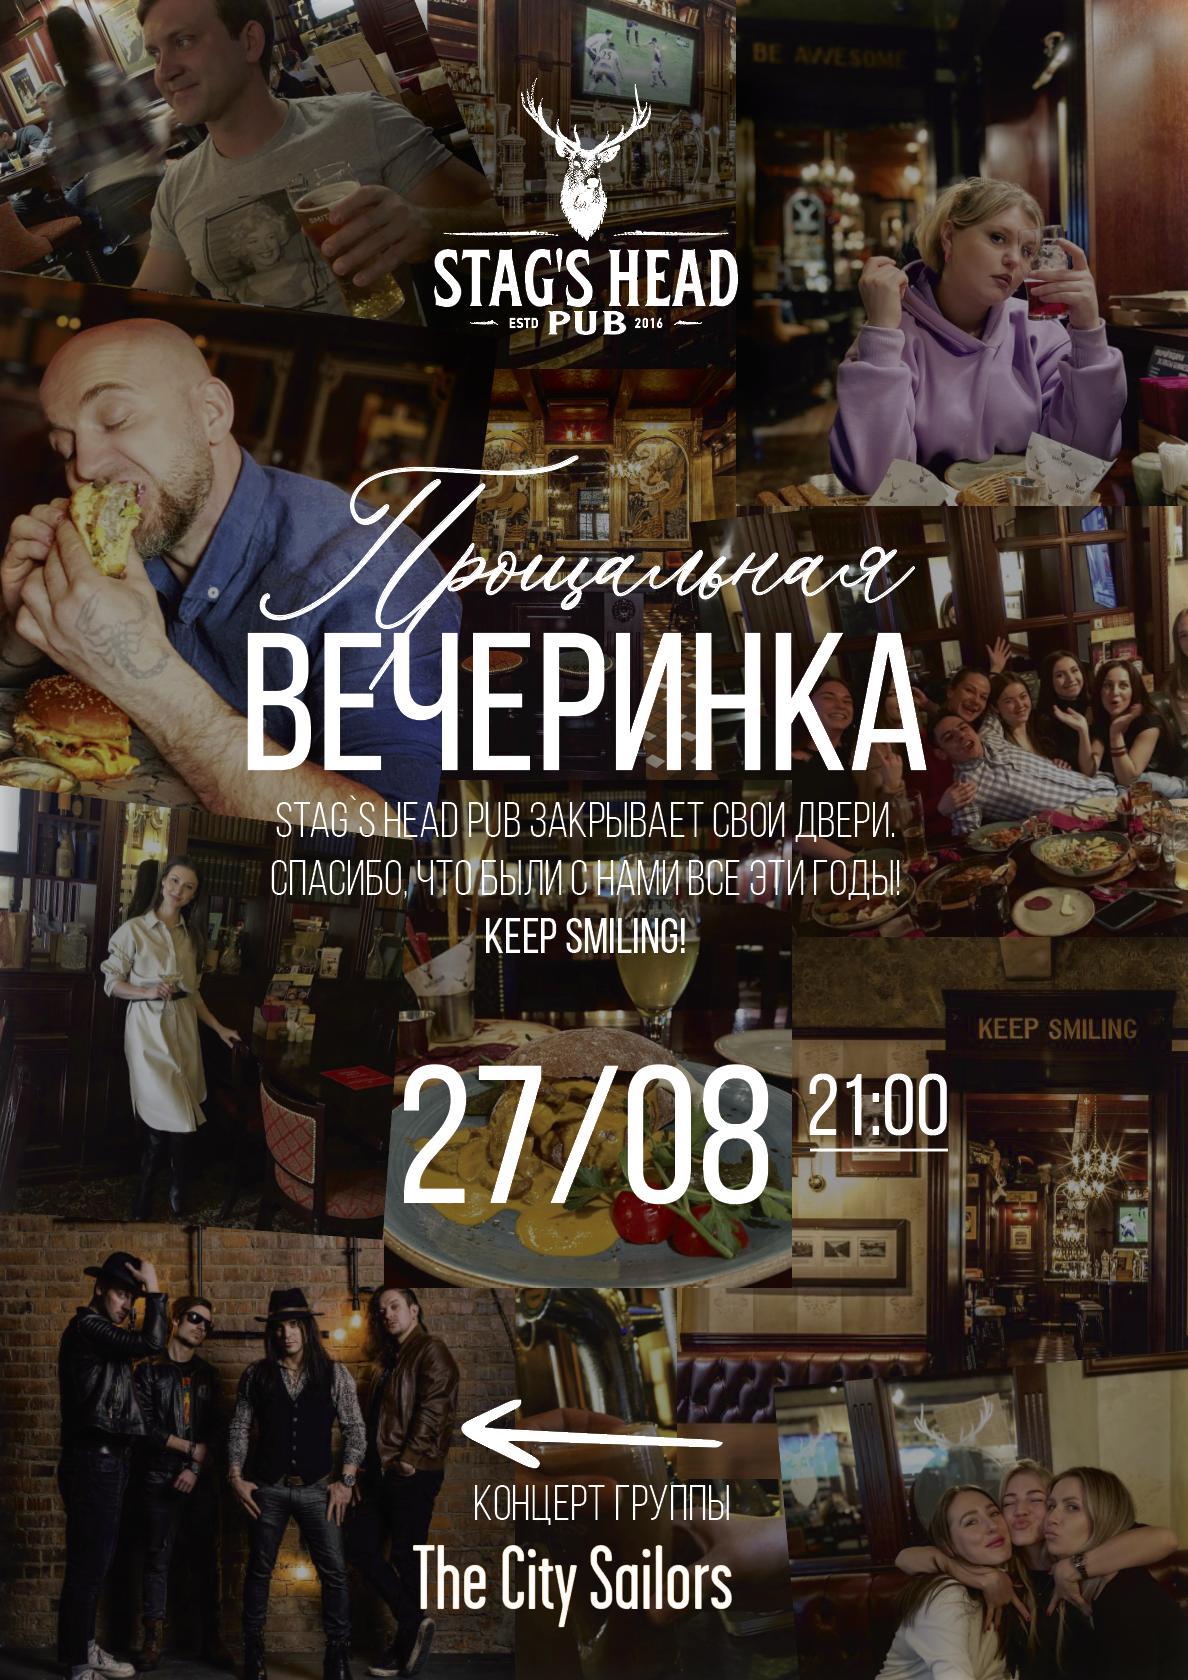 Прощальная Вечеринка в Stag's Head Pub 27 августа!